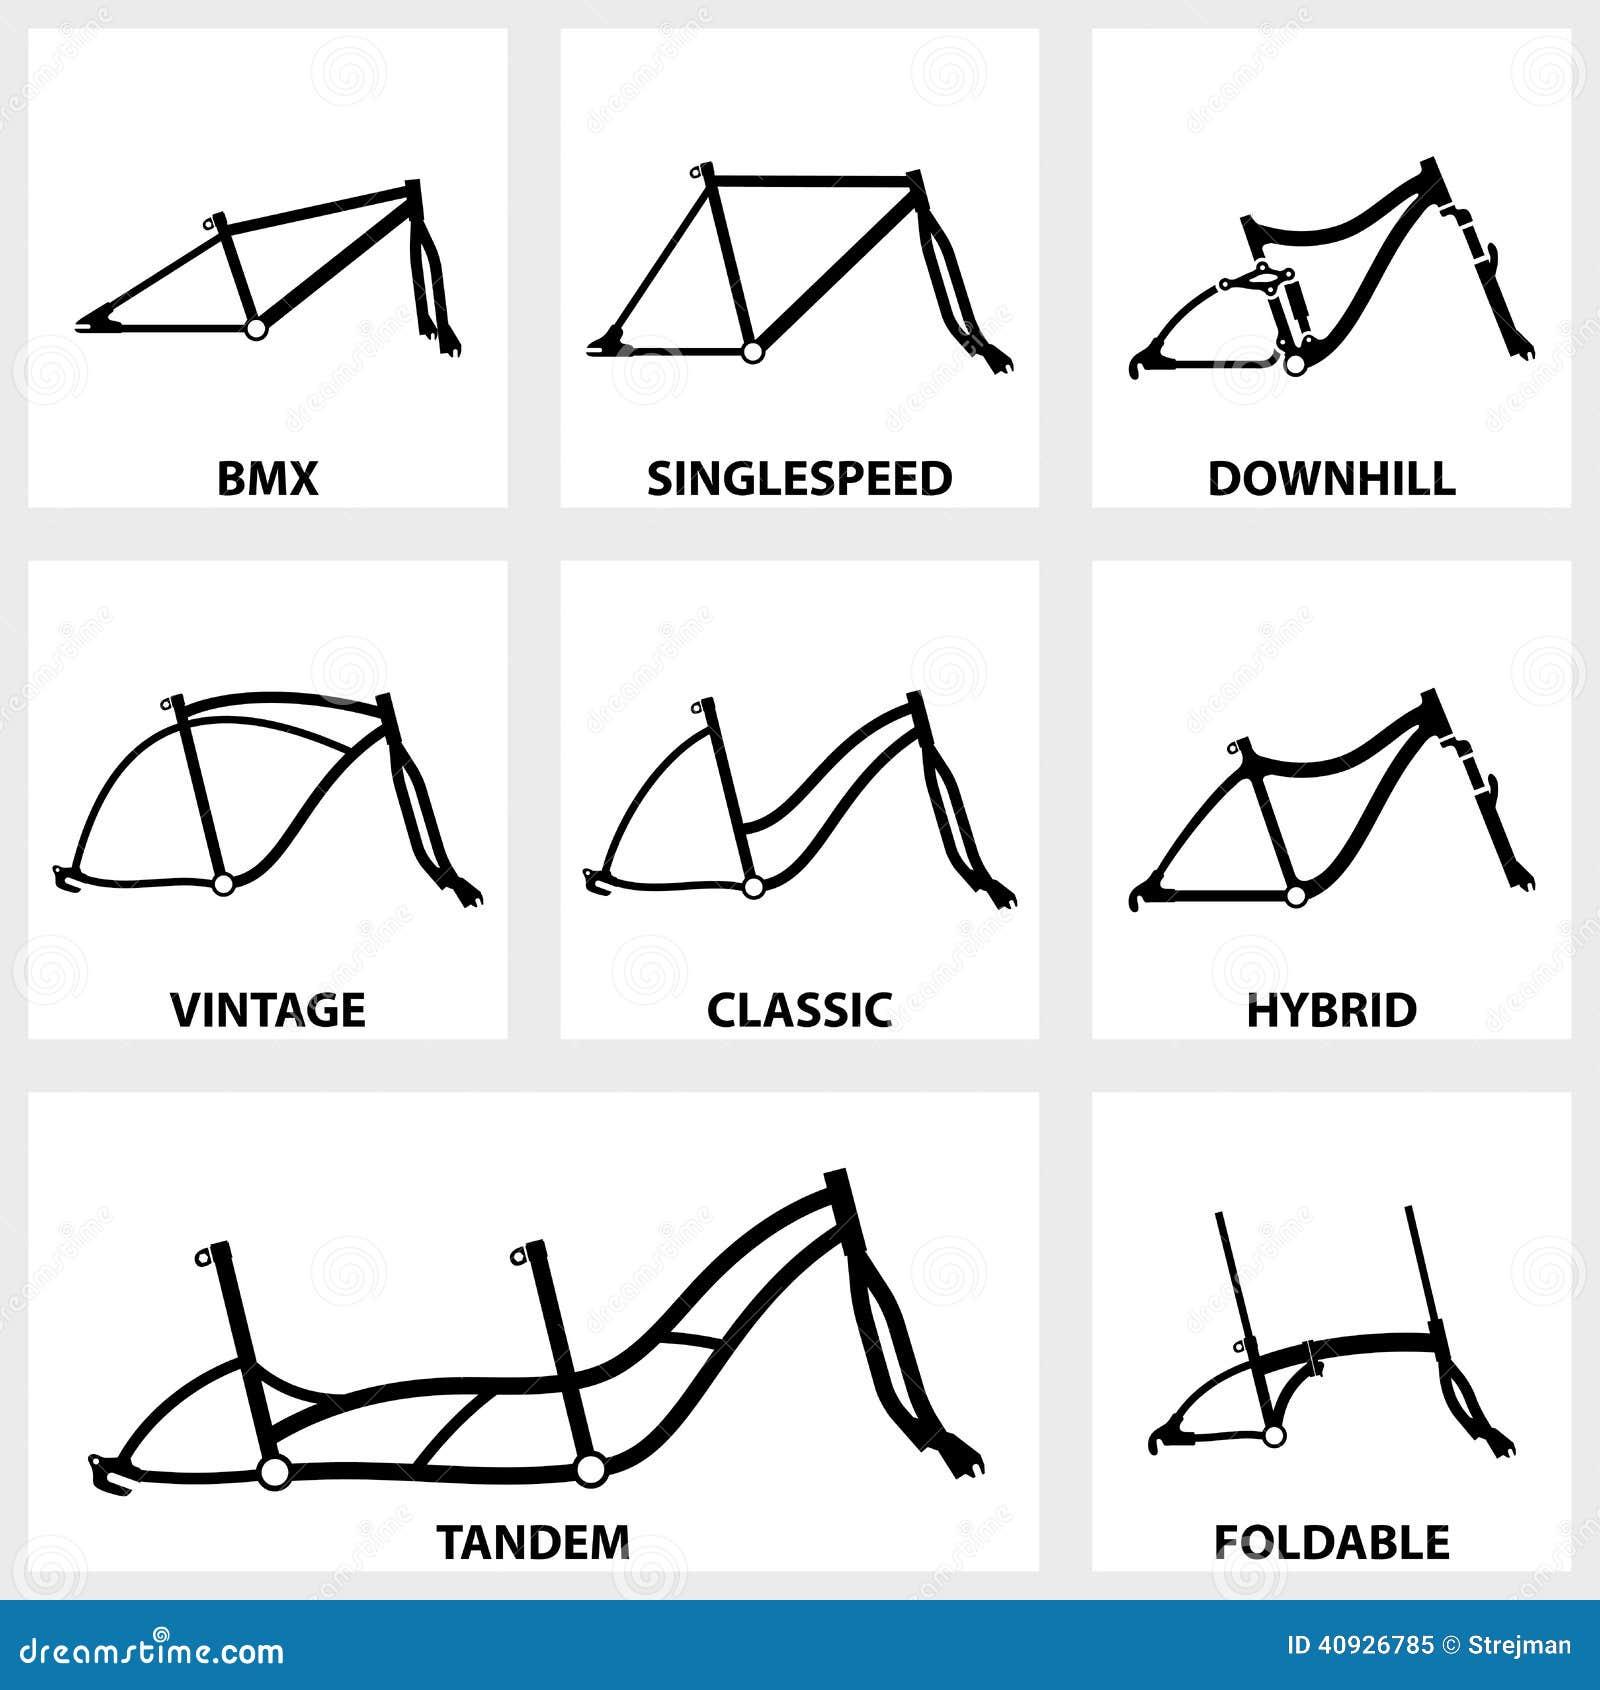 Bicycle Frame Icon Illustration 40926785 - Megapixl